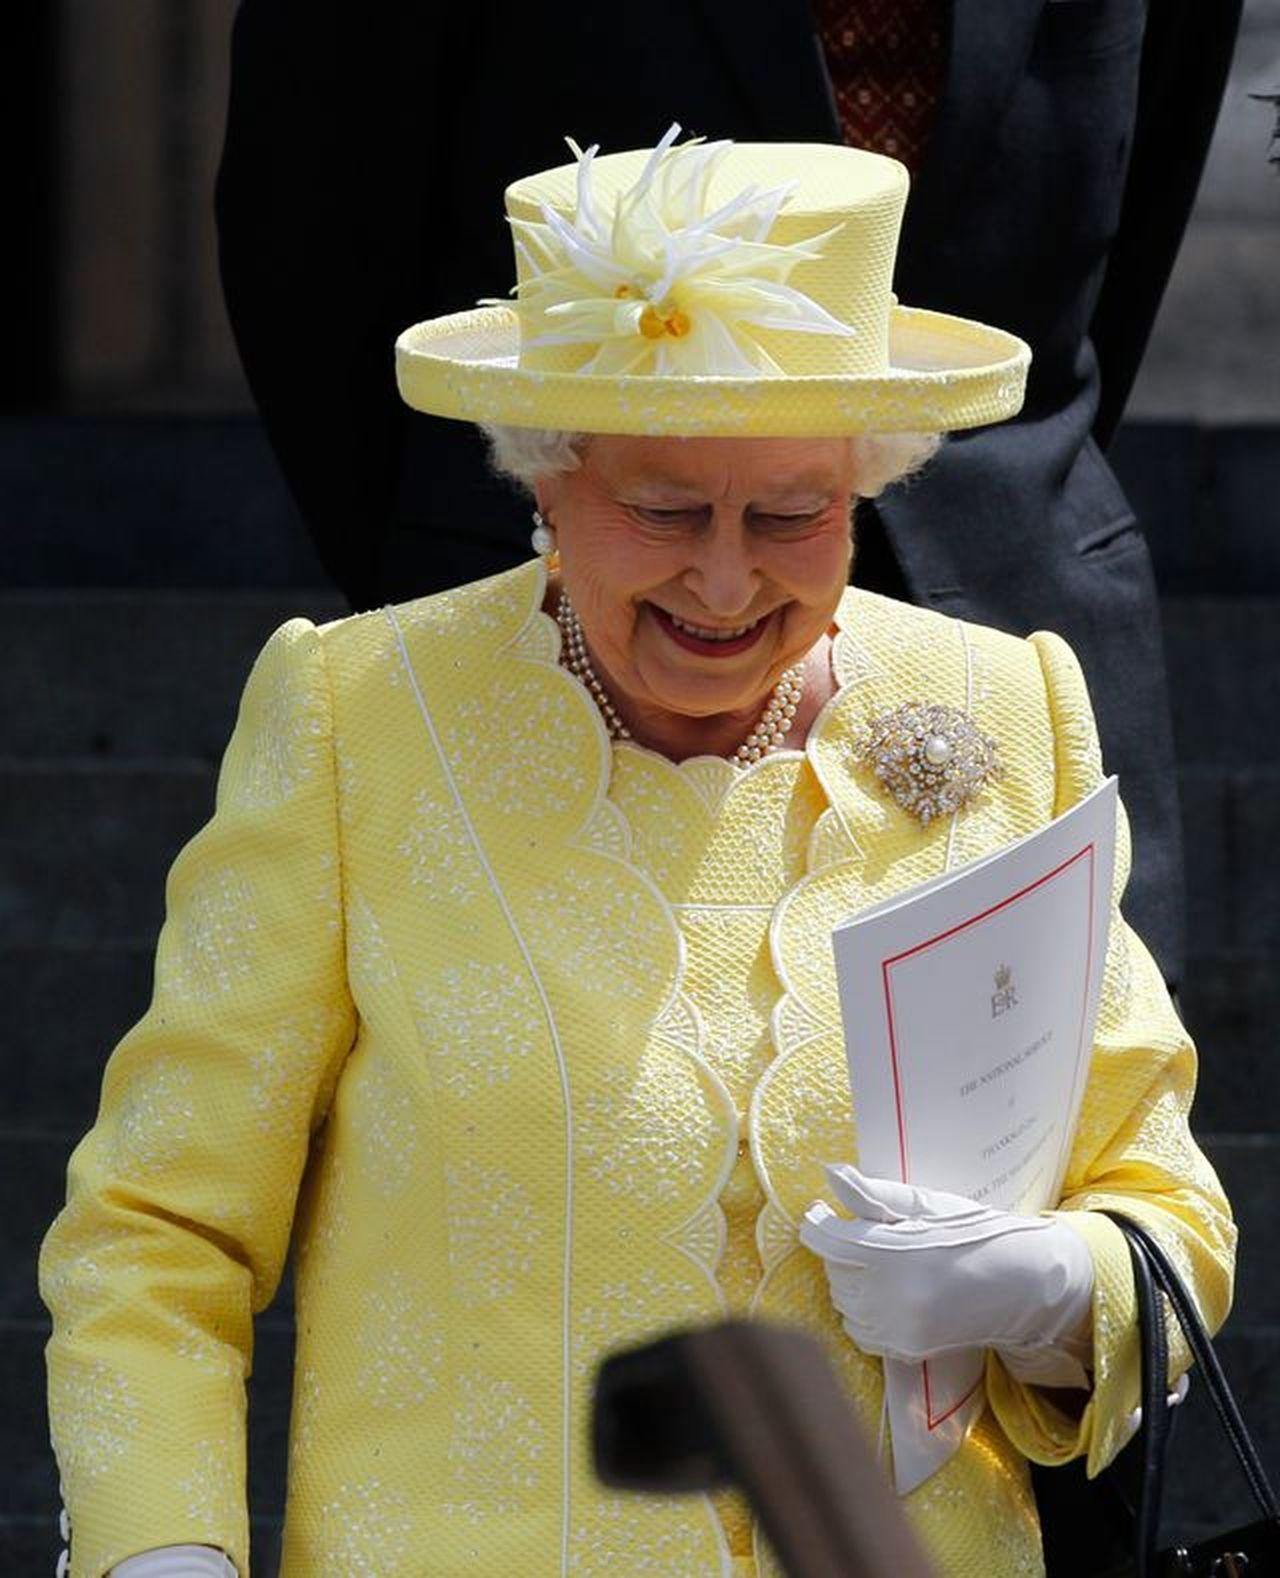 Kate dostała od królowej coś WYJĄTKOWEGO. Meghan będzie musiała na to ZASŁUŻYĆ